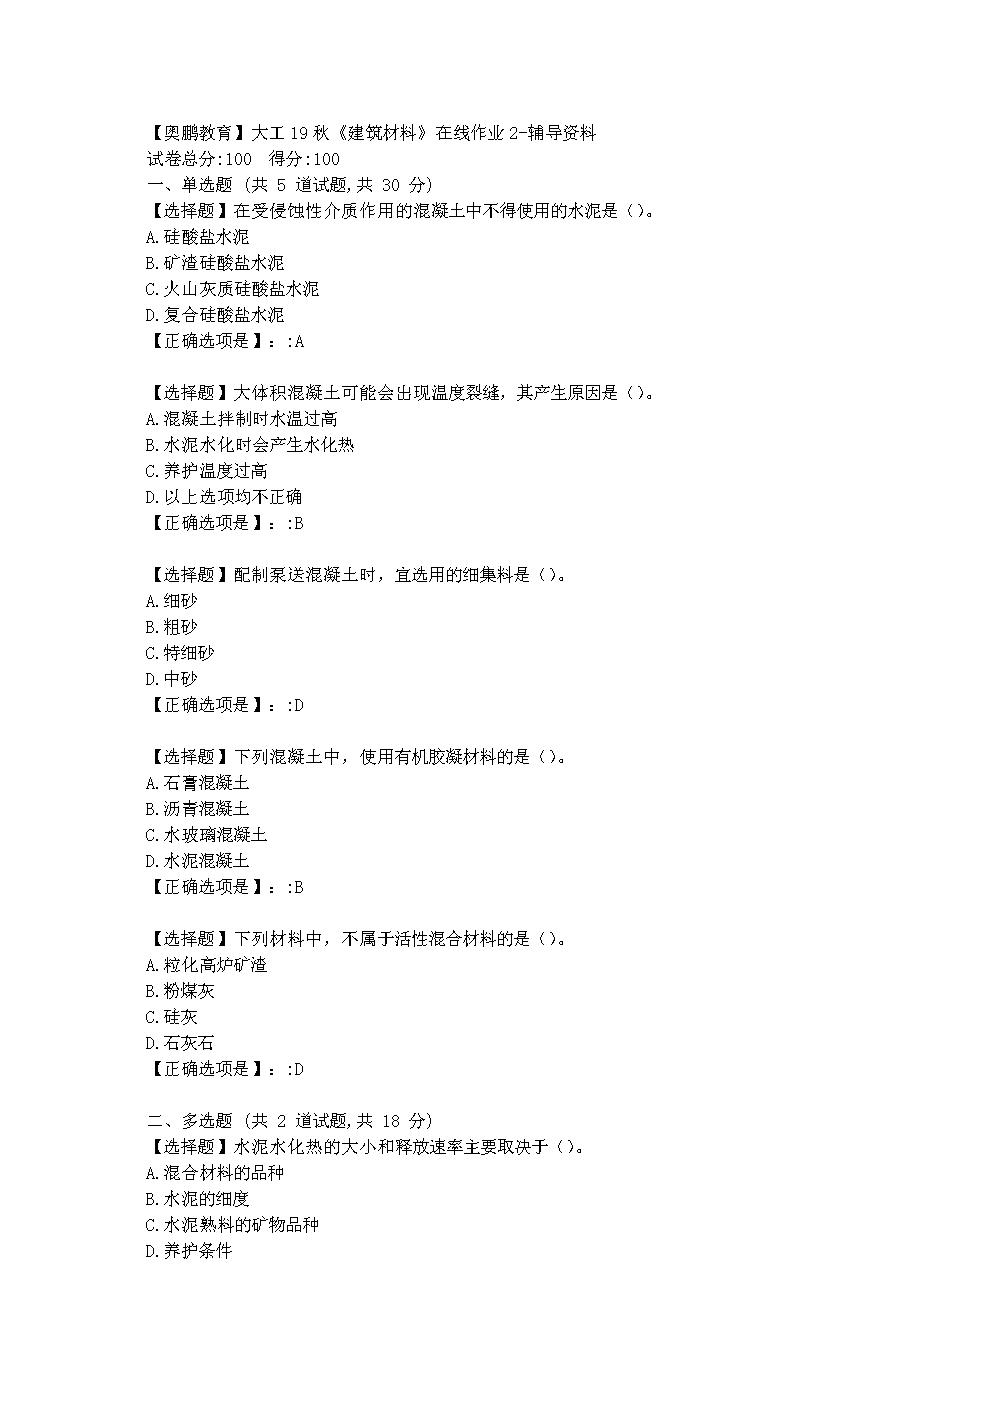 大连理工大学19秋《建筑材料》在线作业2学习资料.doc